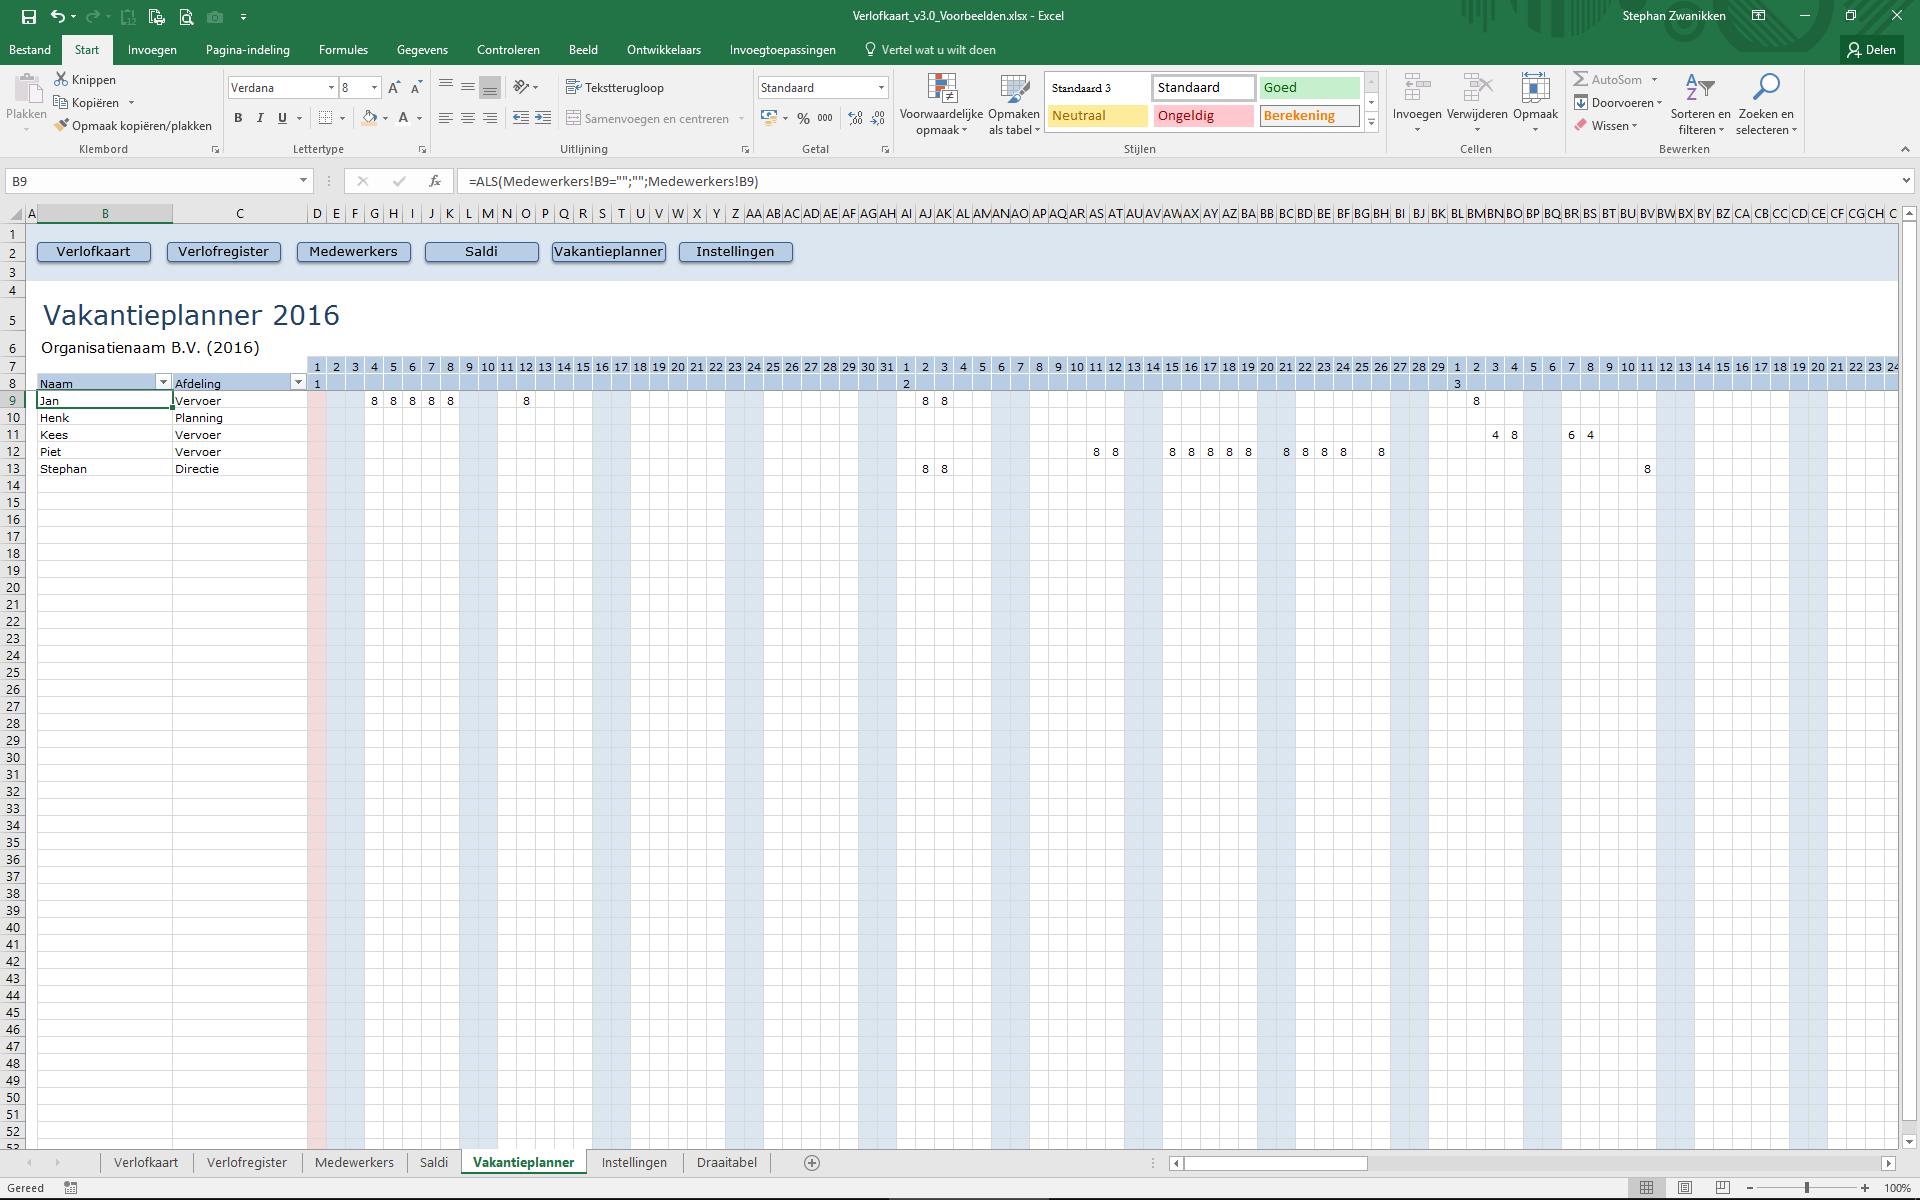 vie-screenshot-vakantieplanner